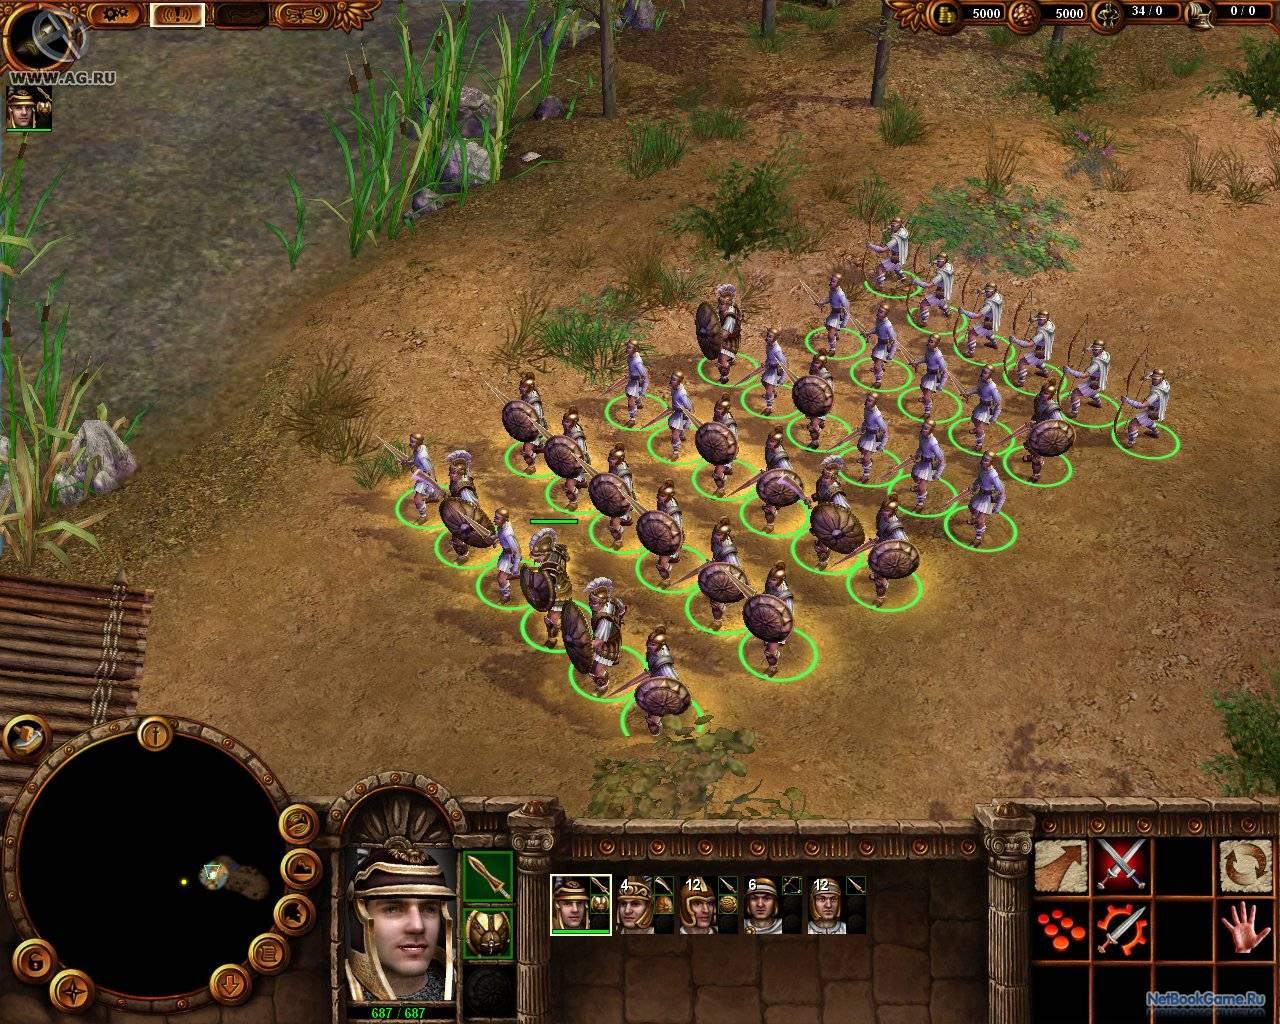 Скачать игру alexander для pc через торрент gamestracker. Org.